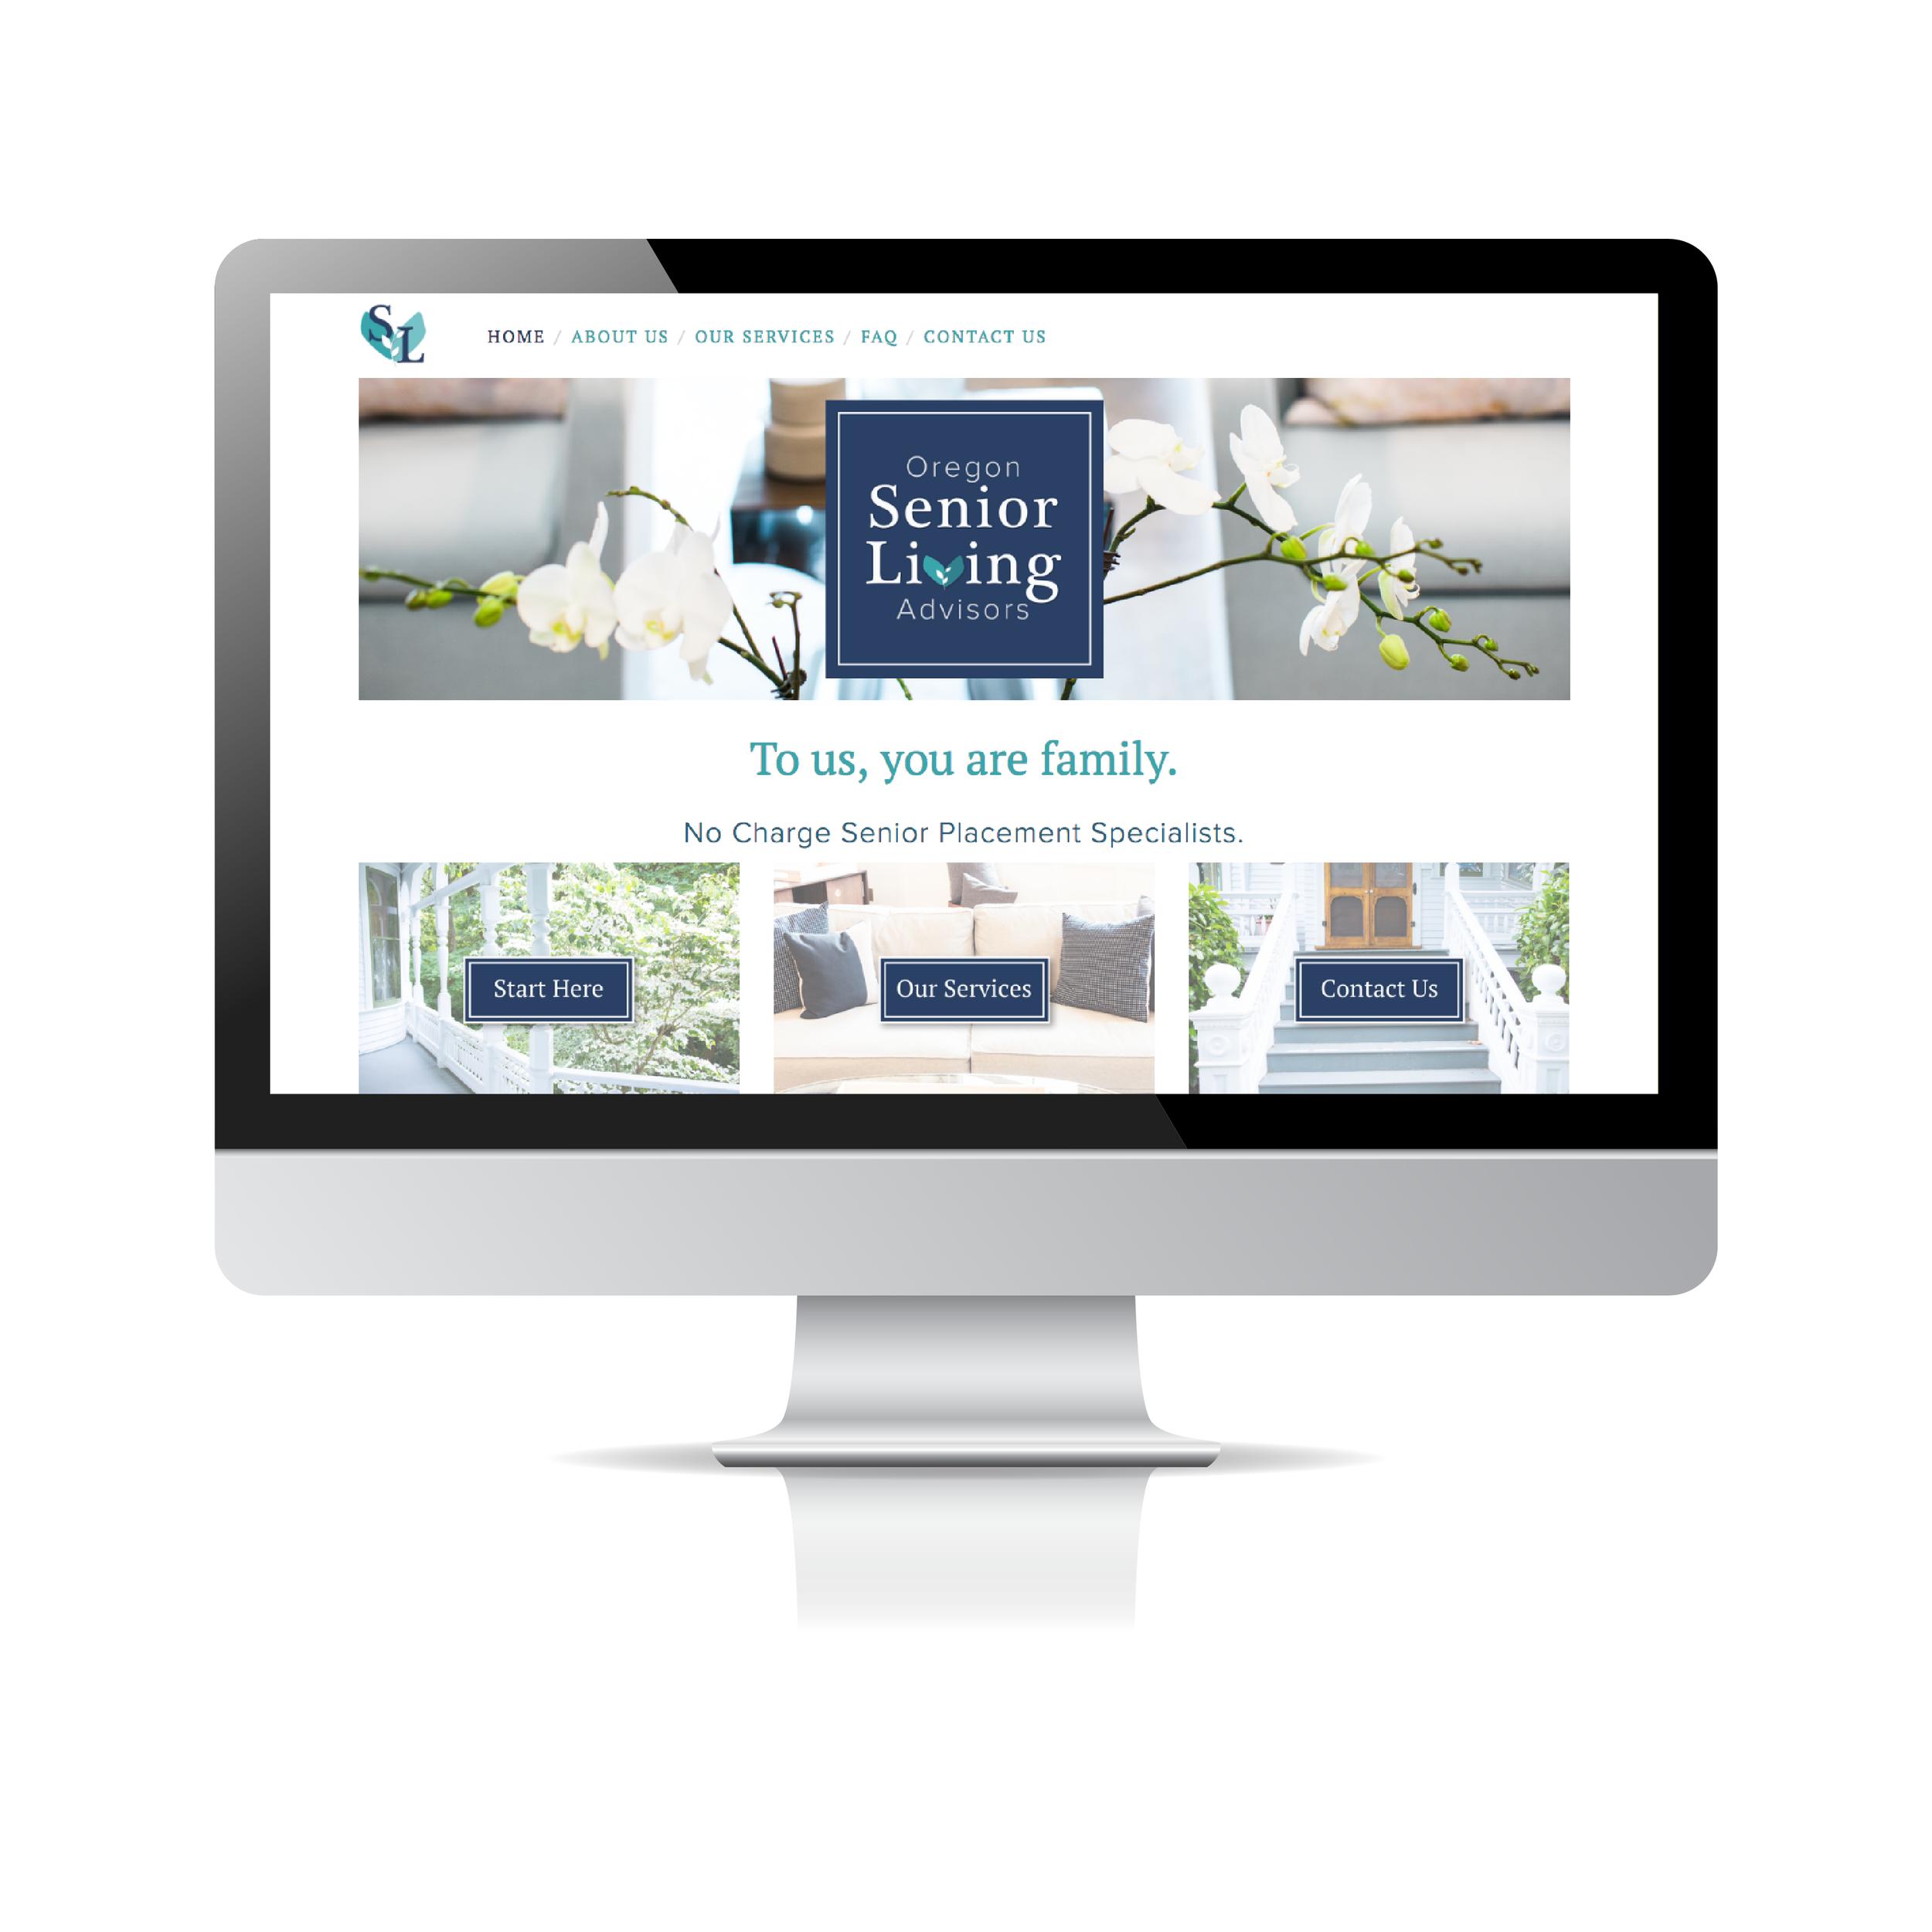 Oregon Senior Living Advisors - Website Design by Brightly & Co